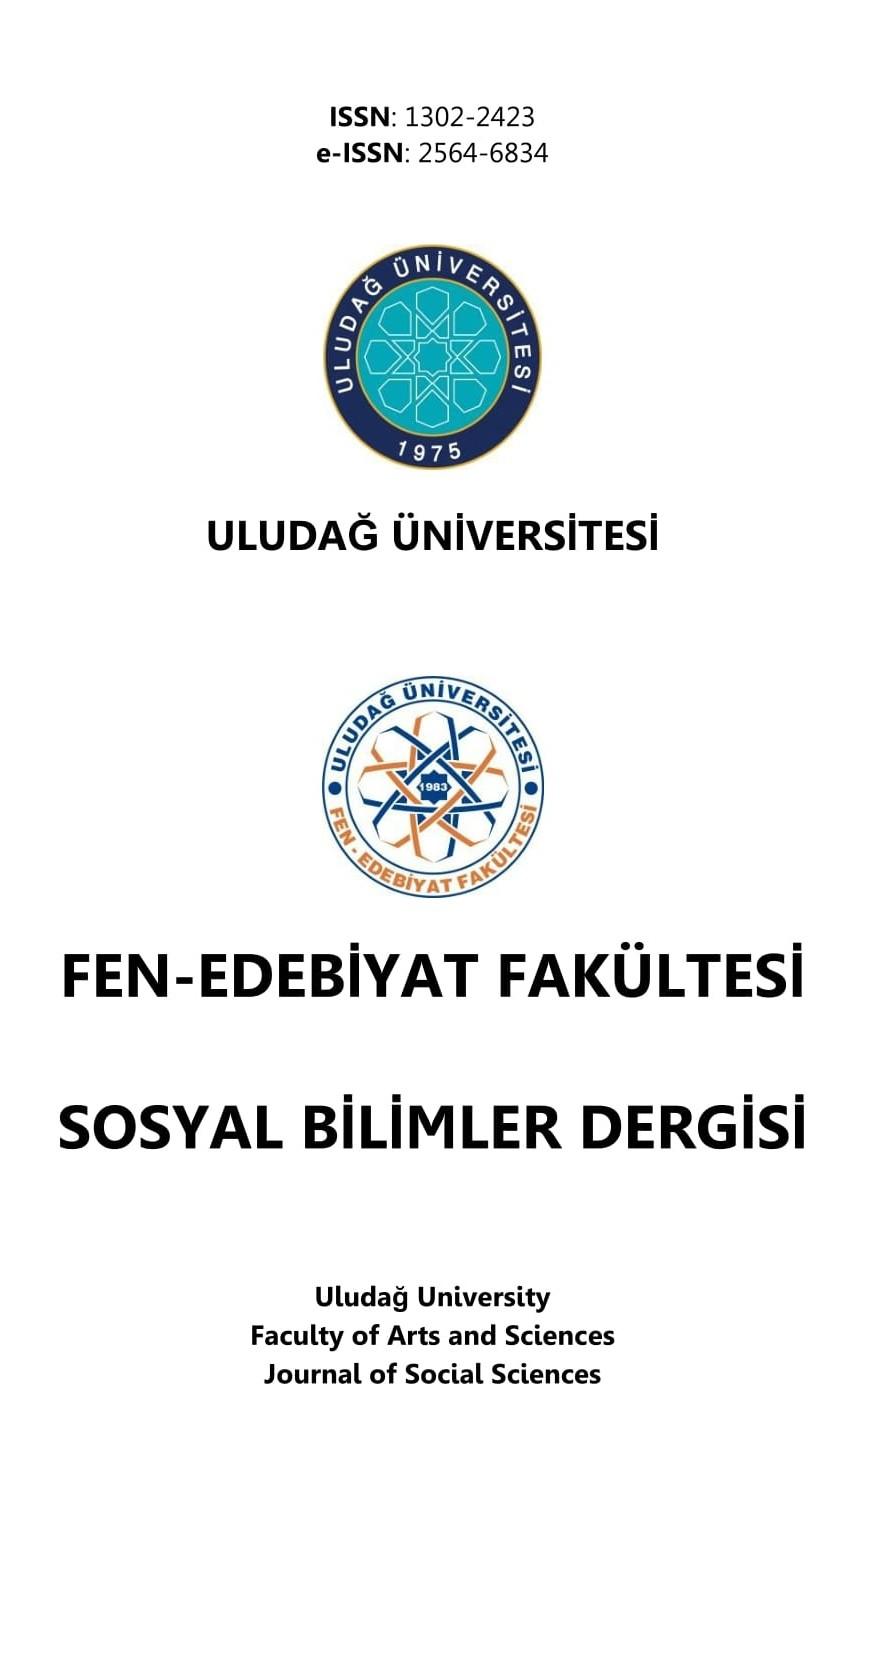 Uludağ Üniversitesi Fen-Edebiyat Fakültesi Sosyal Bilimler Dergisi